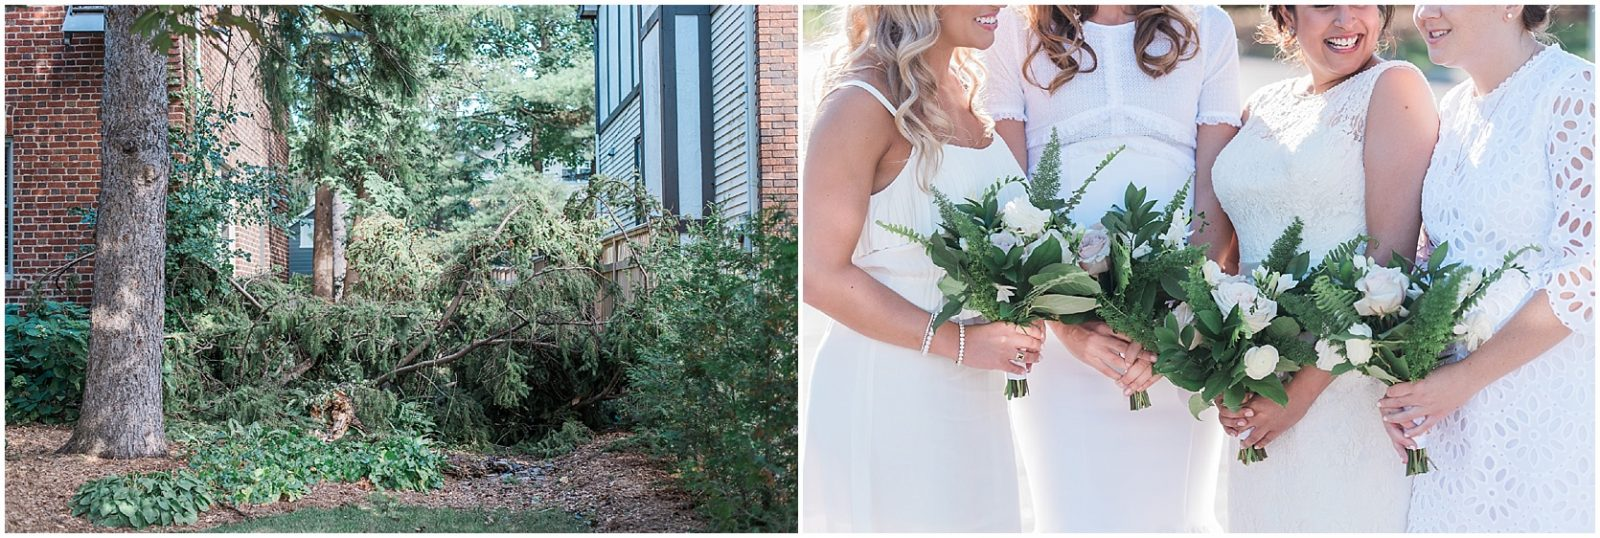 0015 SS-Late Summer Wedding at Zibi - Ottawa_PhotosbyEmmaH_WEB.jpg